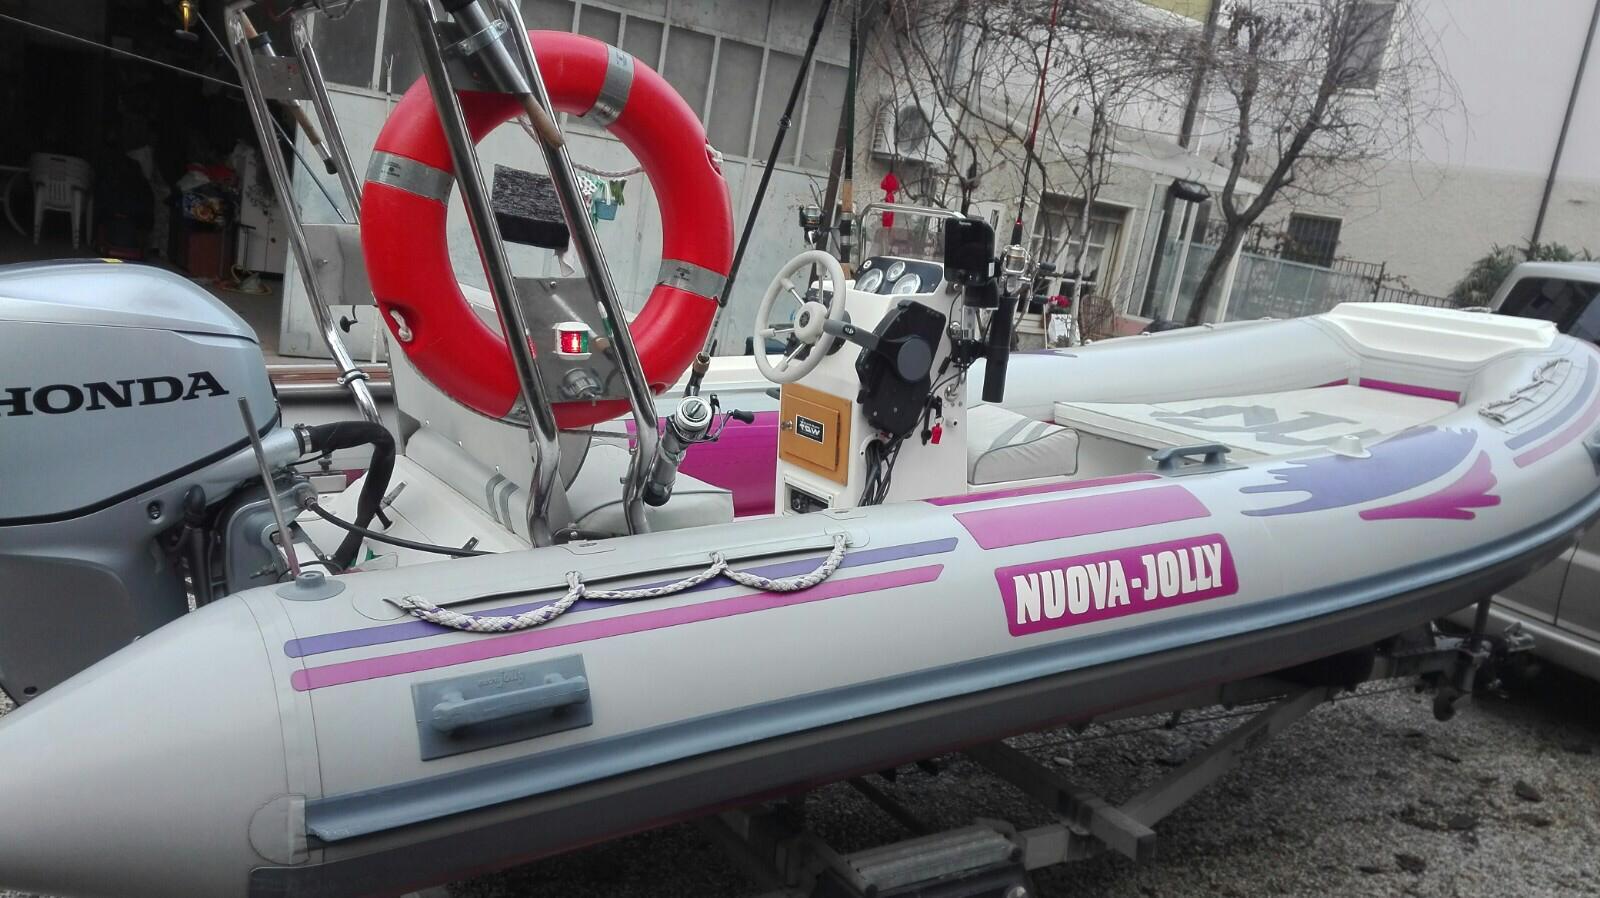 Foto Gommone Nuova Jolly 5 metri con carrello stradale - 6